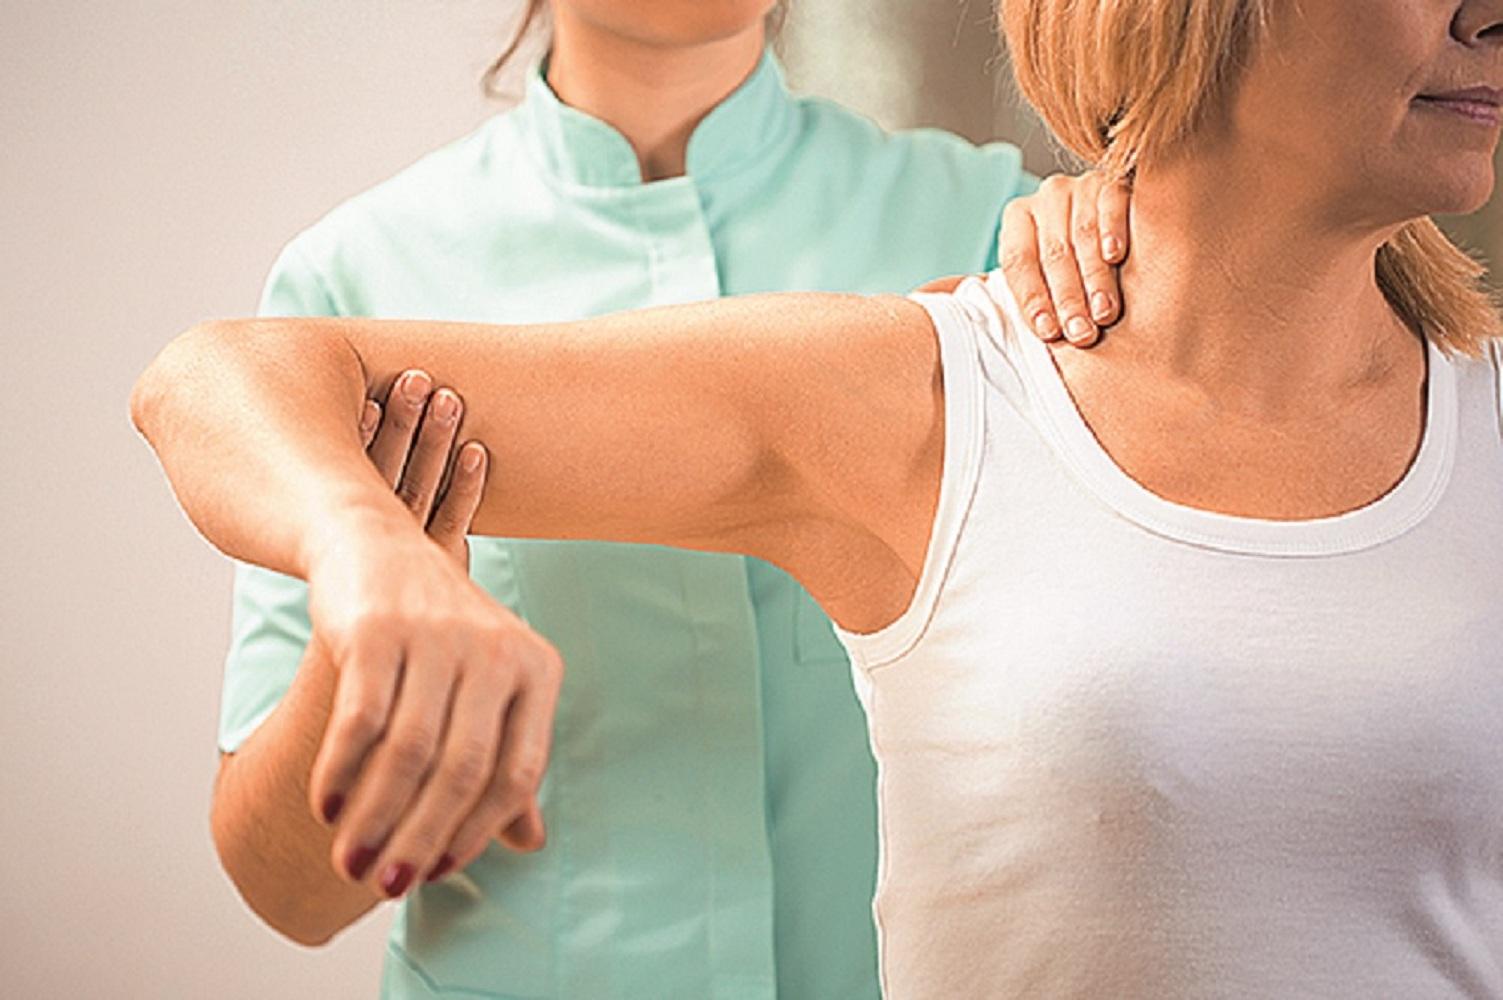 medicamente pentru tratarea artritei degetelor artrita articulațiilor brațului